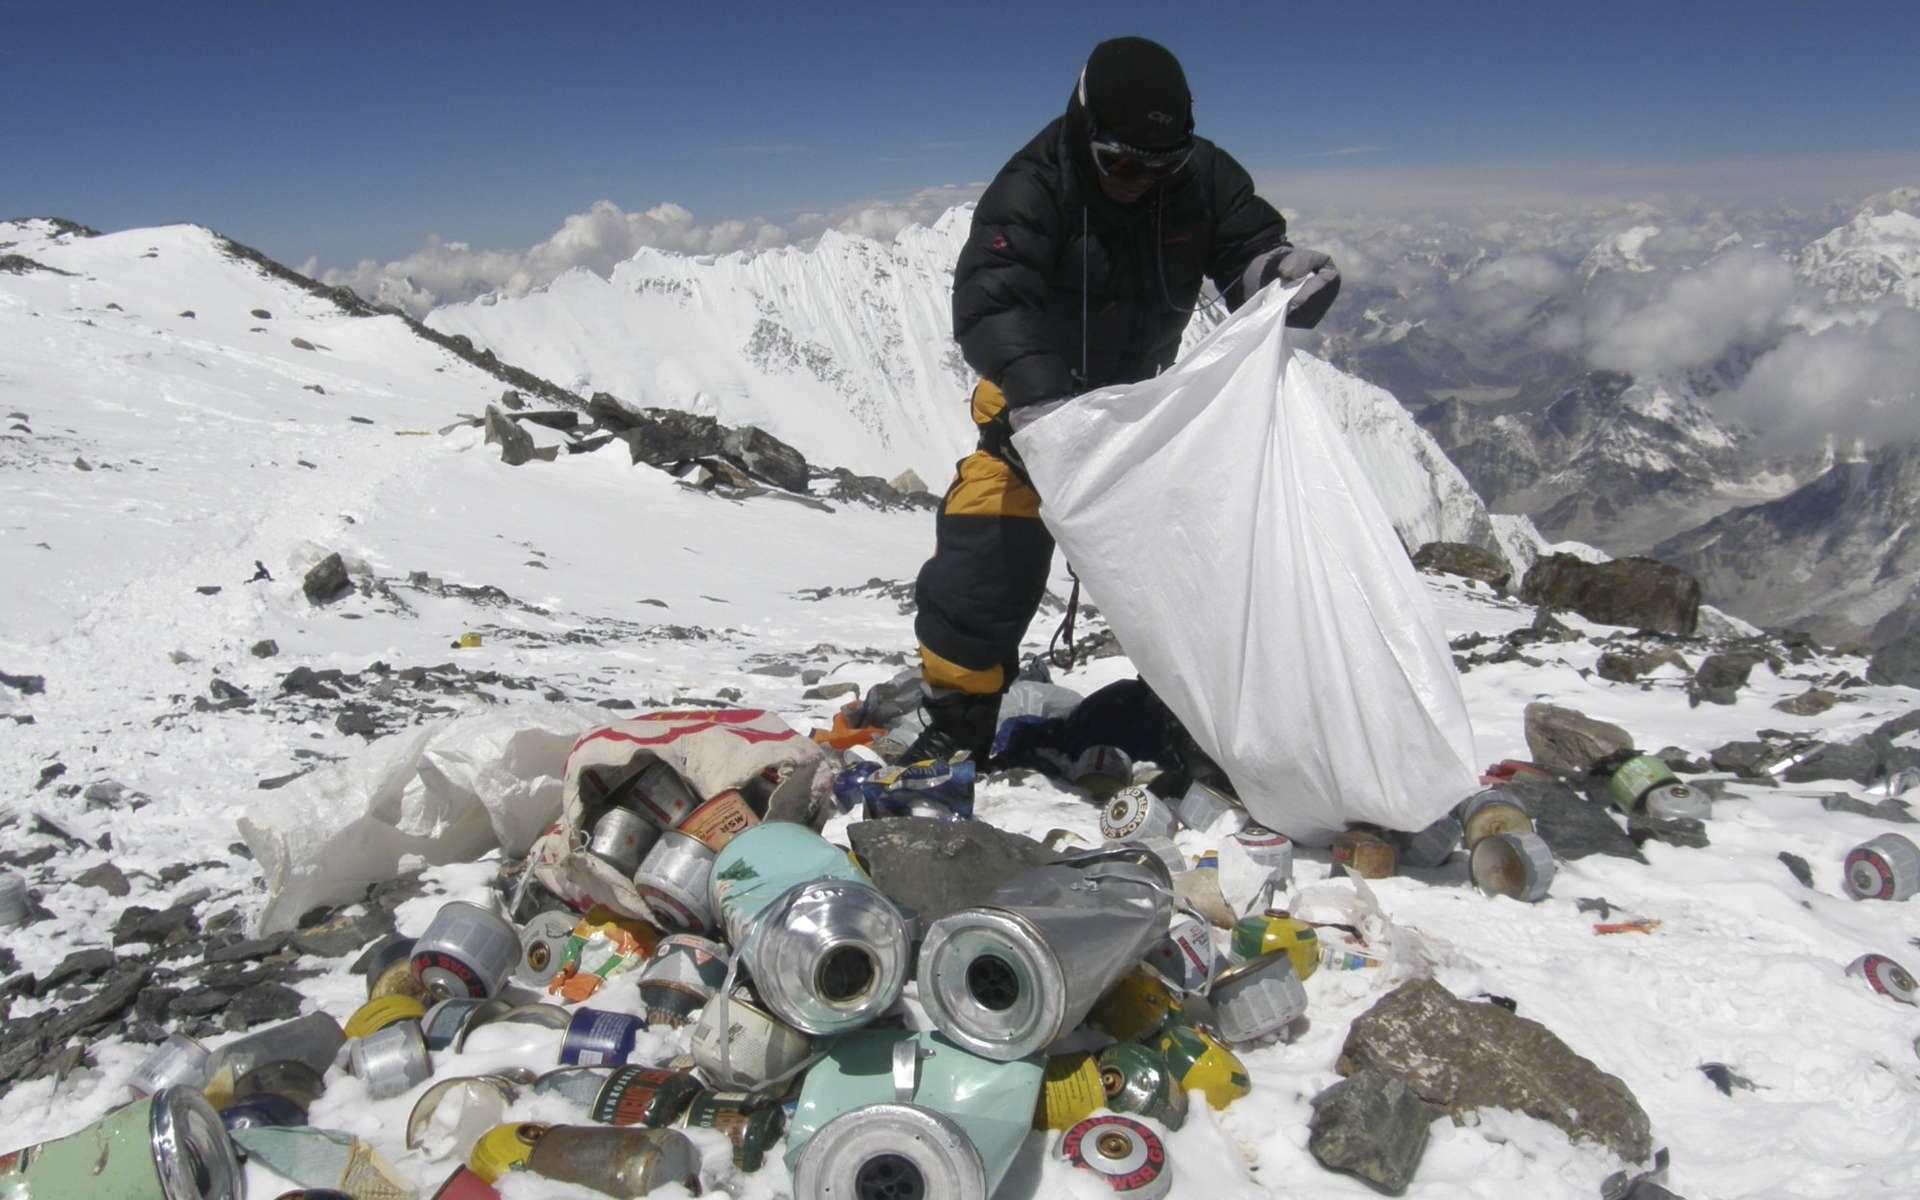 Selon Martin Edström, photographe et volontaire du projet environnemental Saving Mount Everest et interviewé par le Daily Mail en mai 2013, « 50 tonnes de déchets sont abandonnées chaque saison par les touristes ». © AFP Photo, Namgyal Sherpa, Files